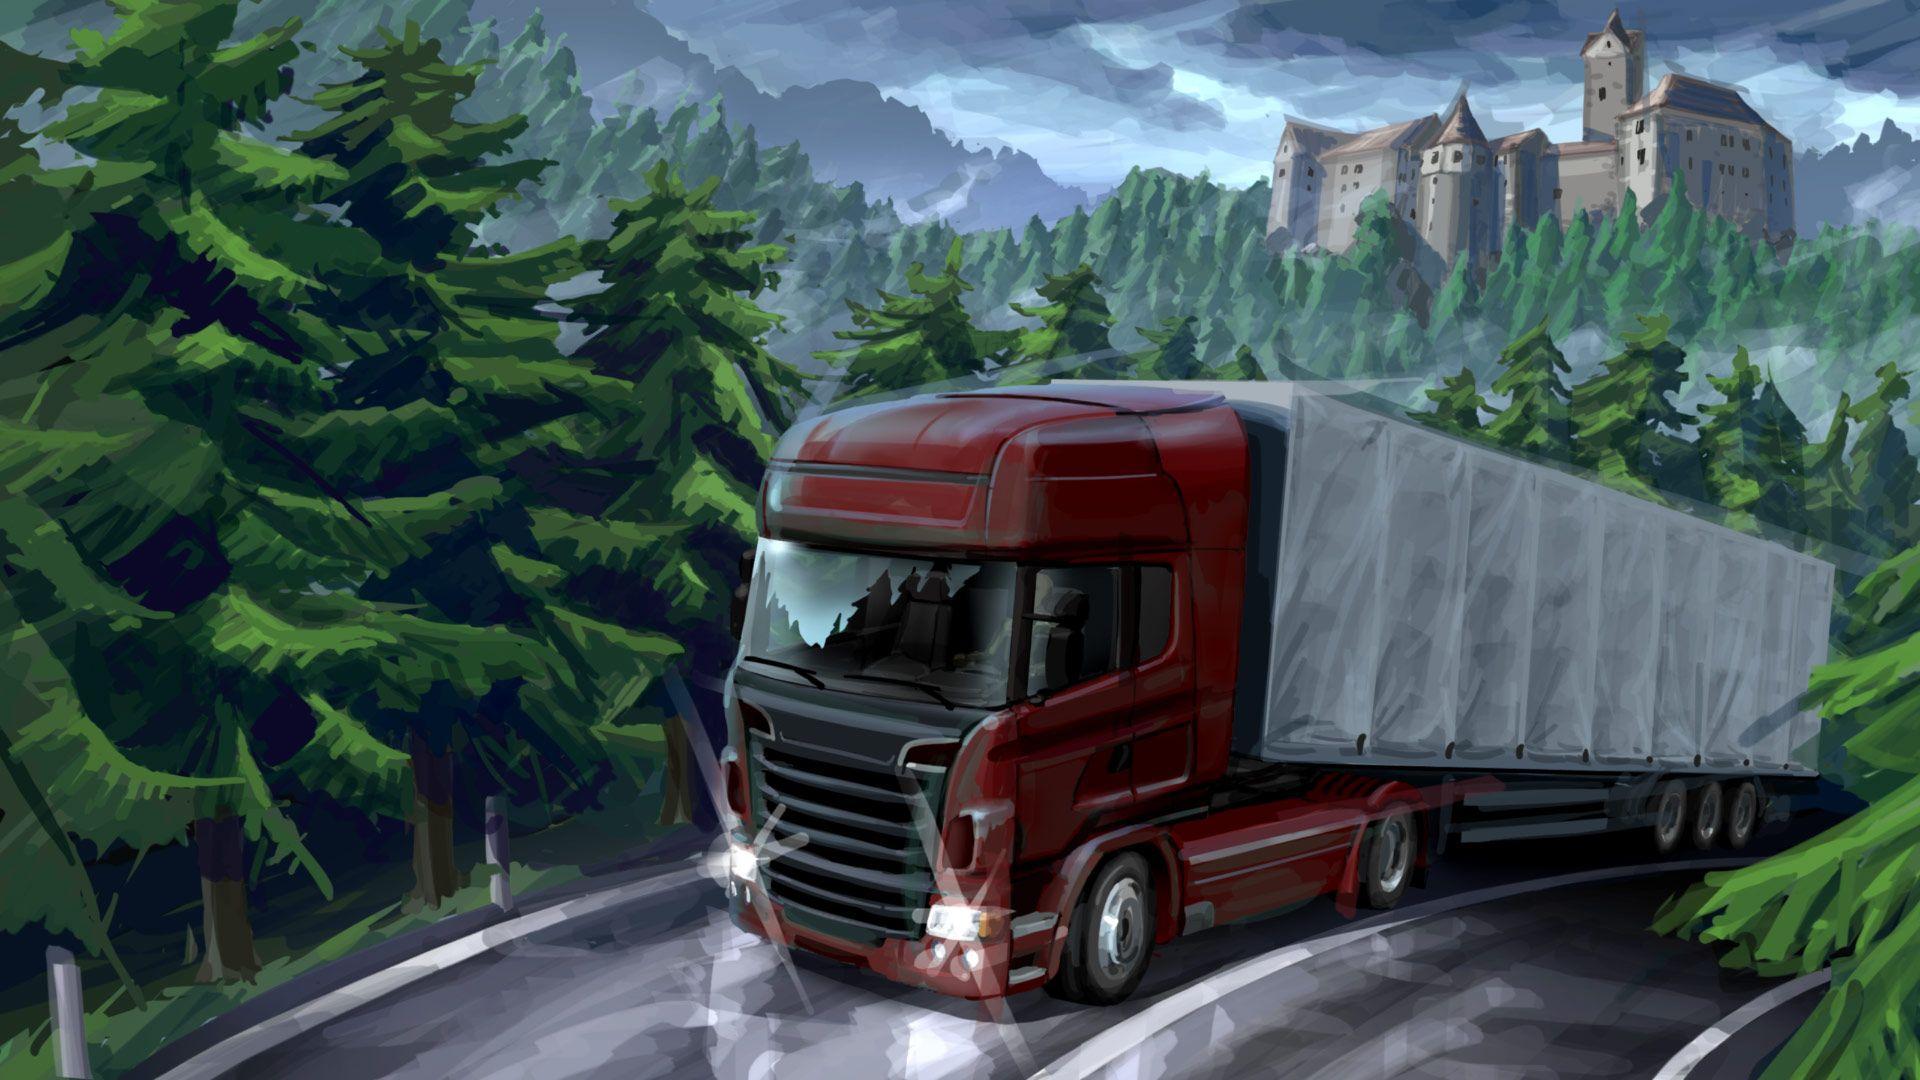 عکس بازی یورو تراک سیمولاتور 2